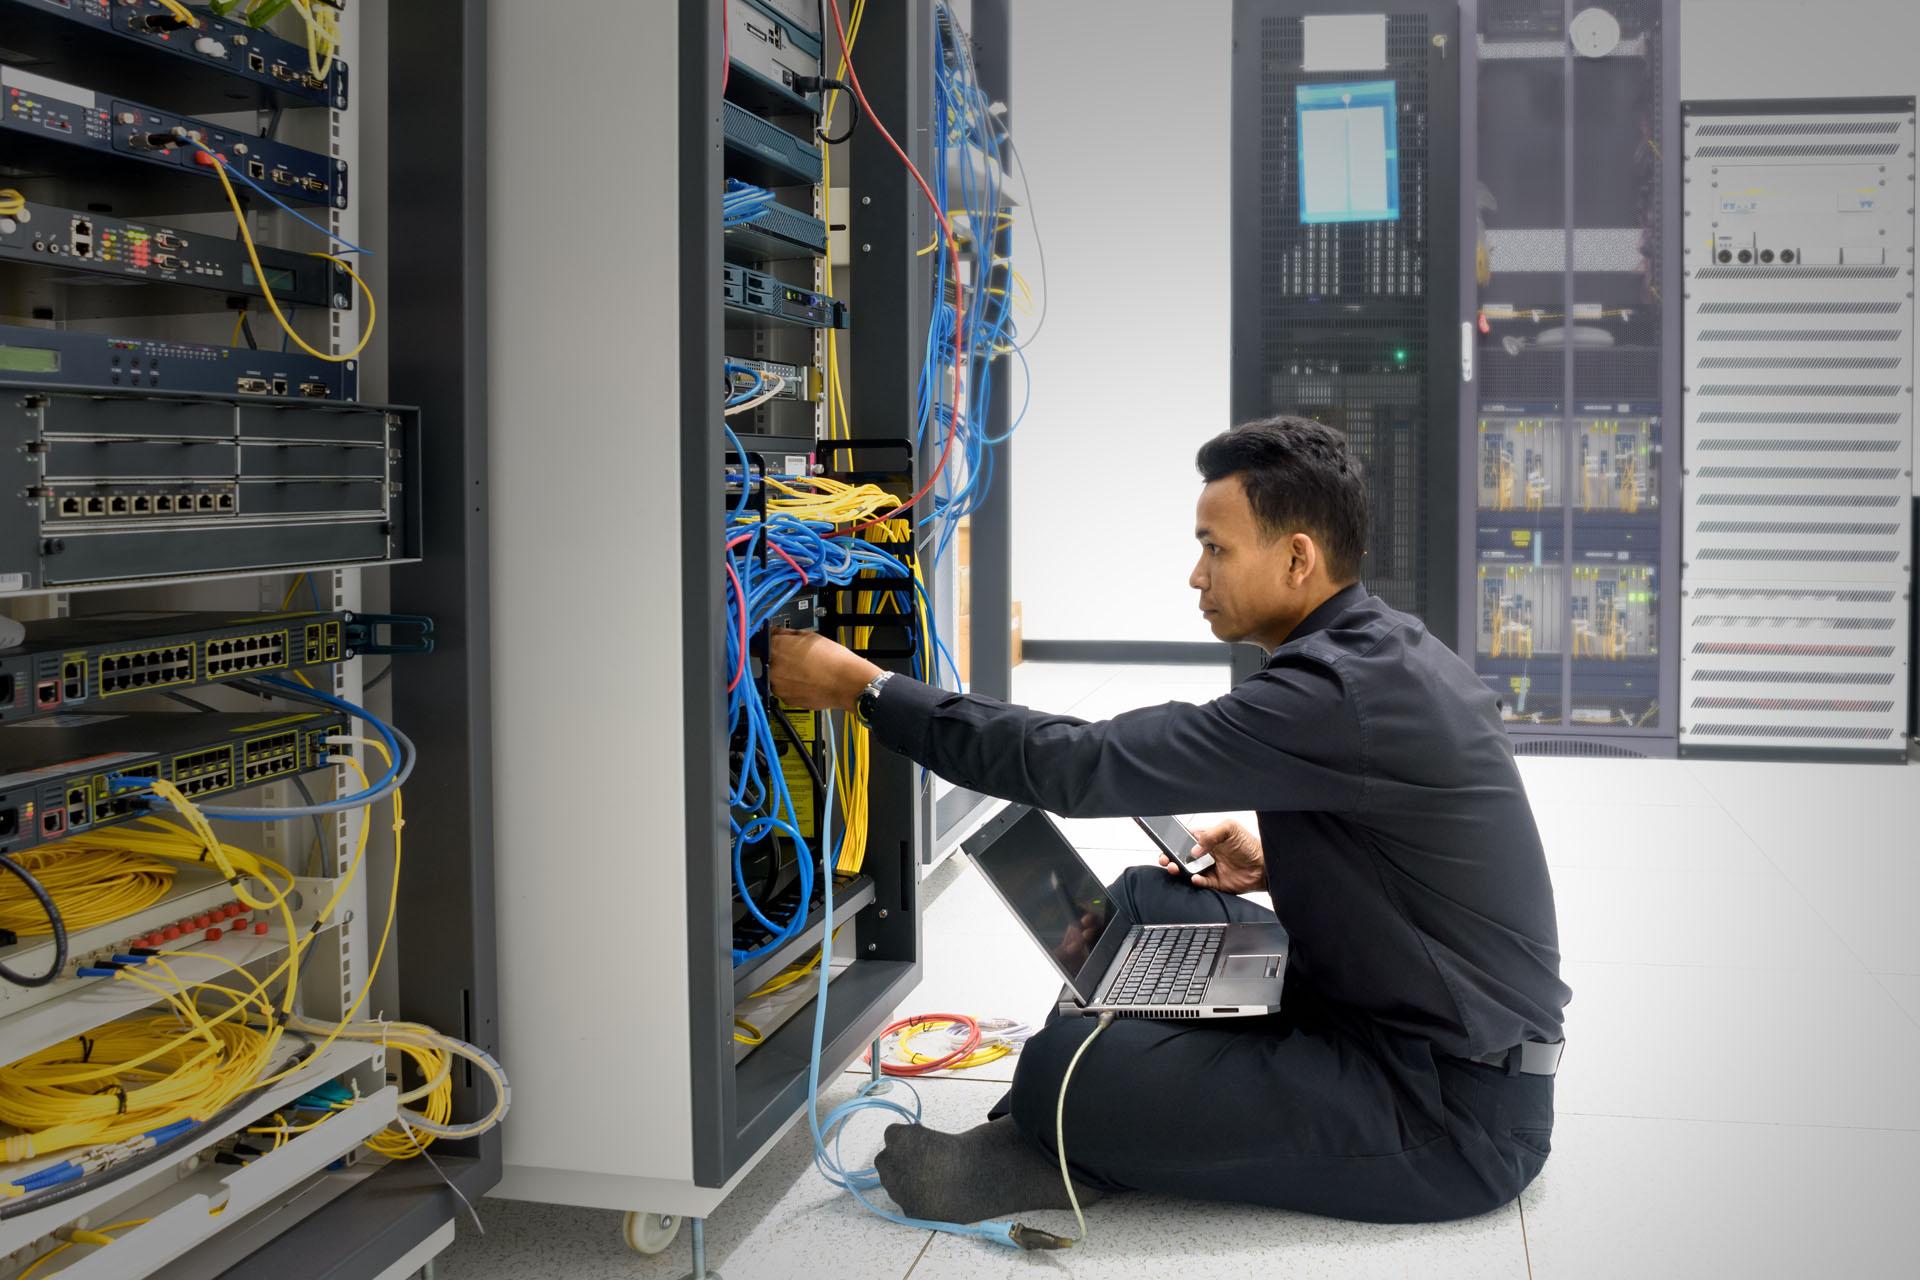 metier-technicien-assistance-informatique